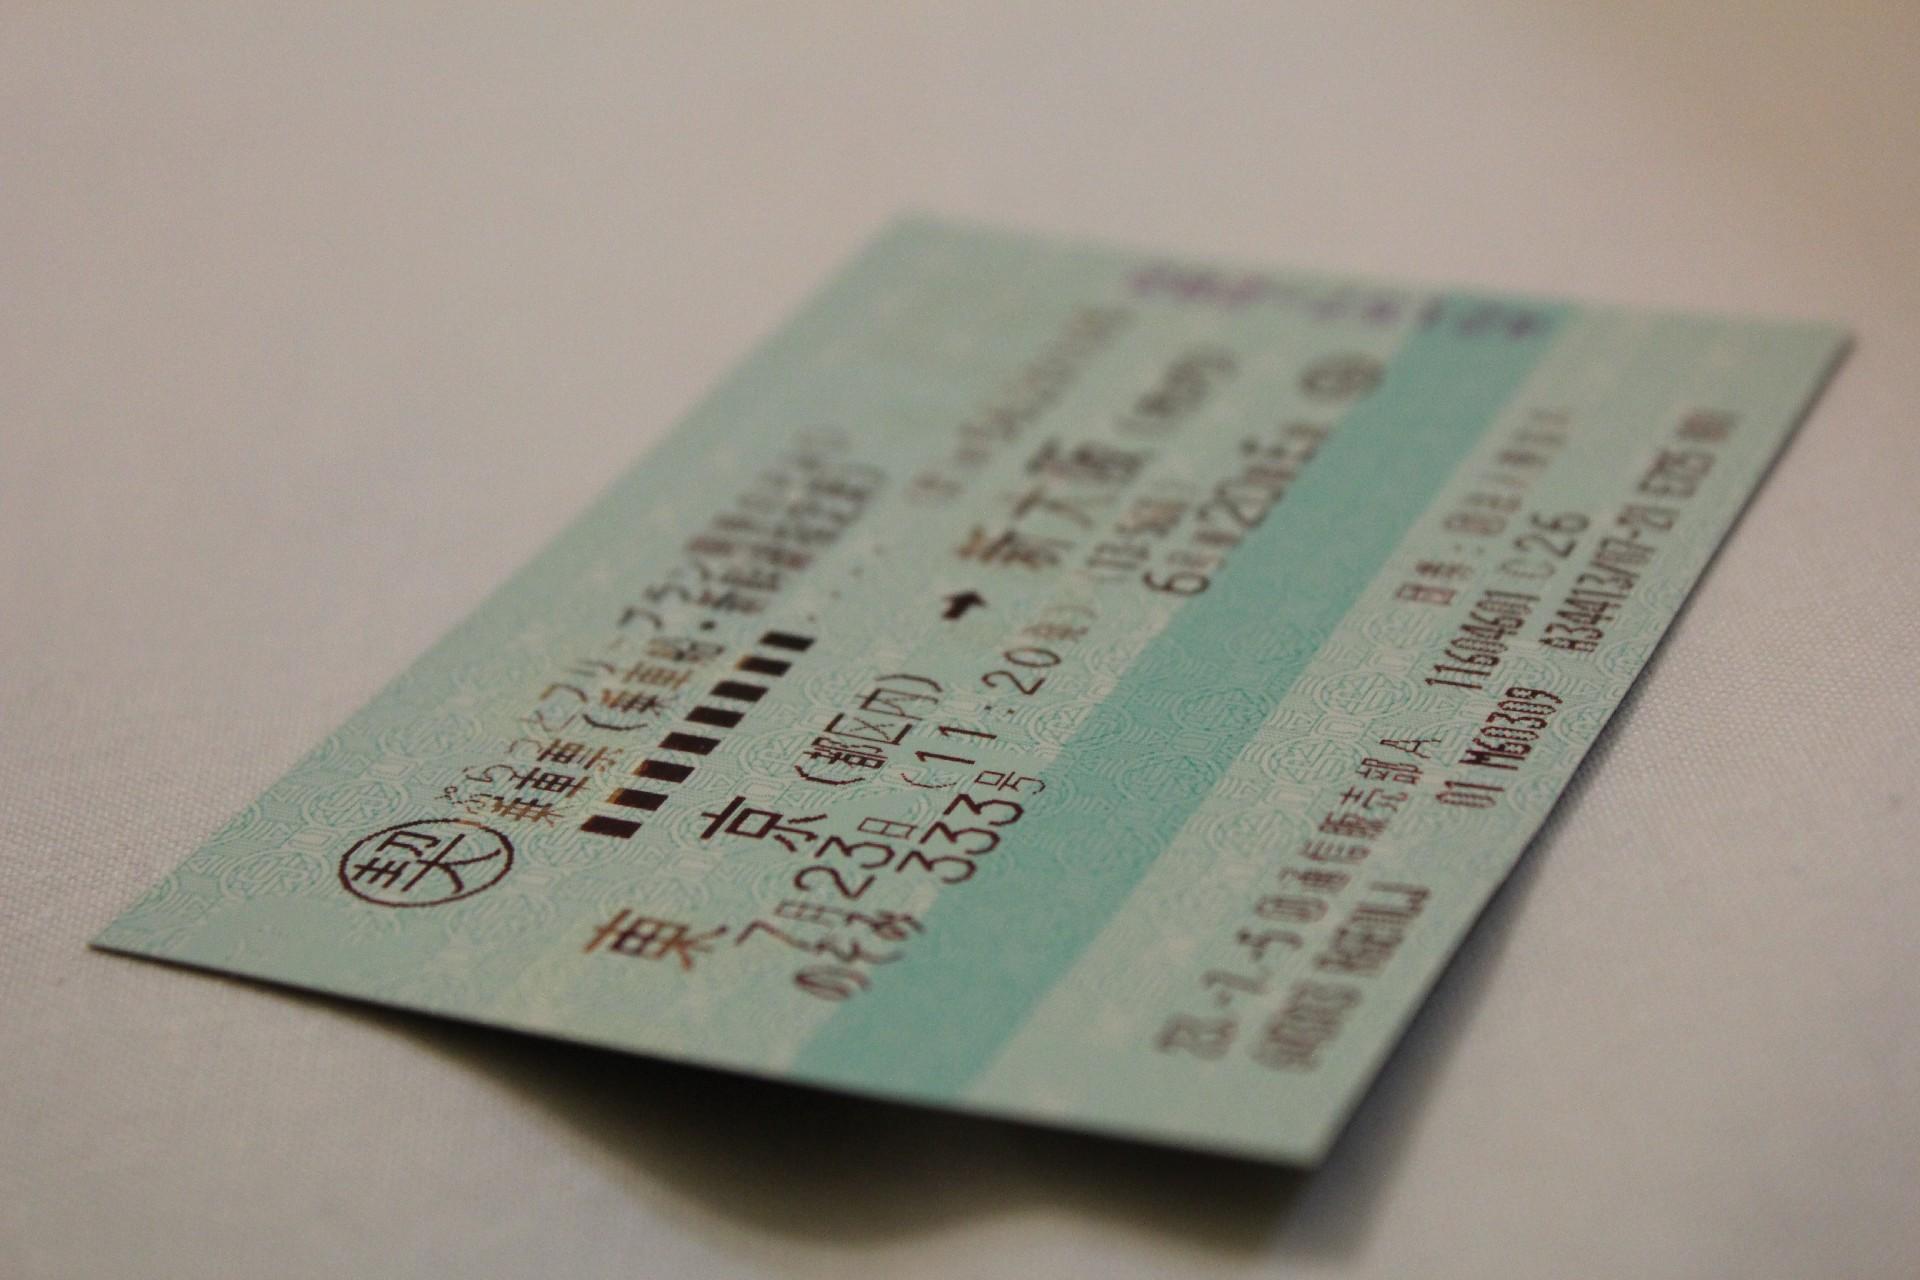 切符|新幹線|在来線|都区内|市内